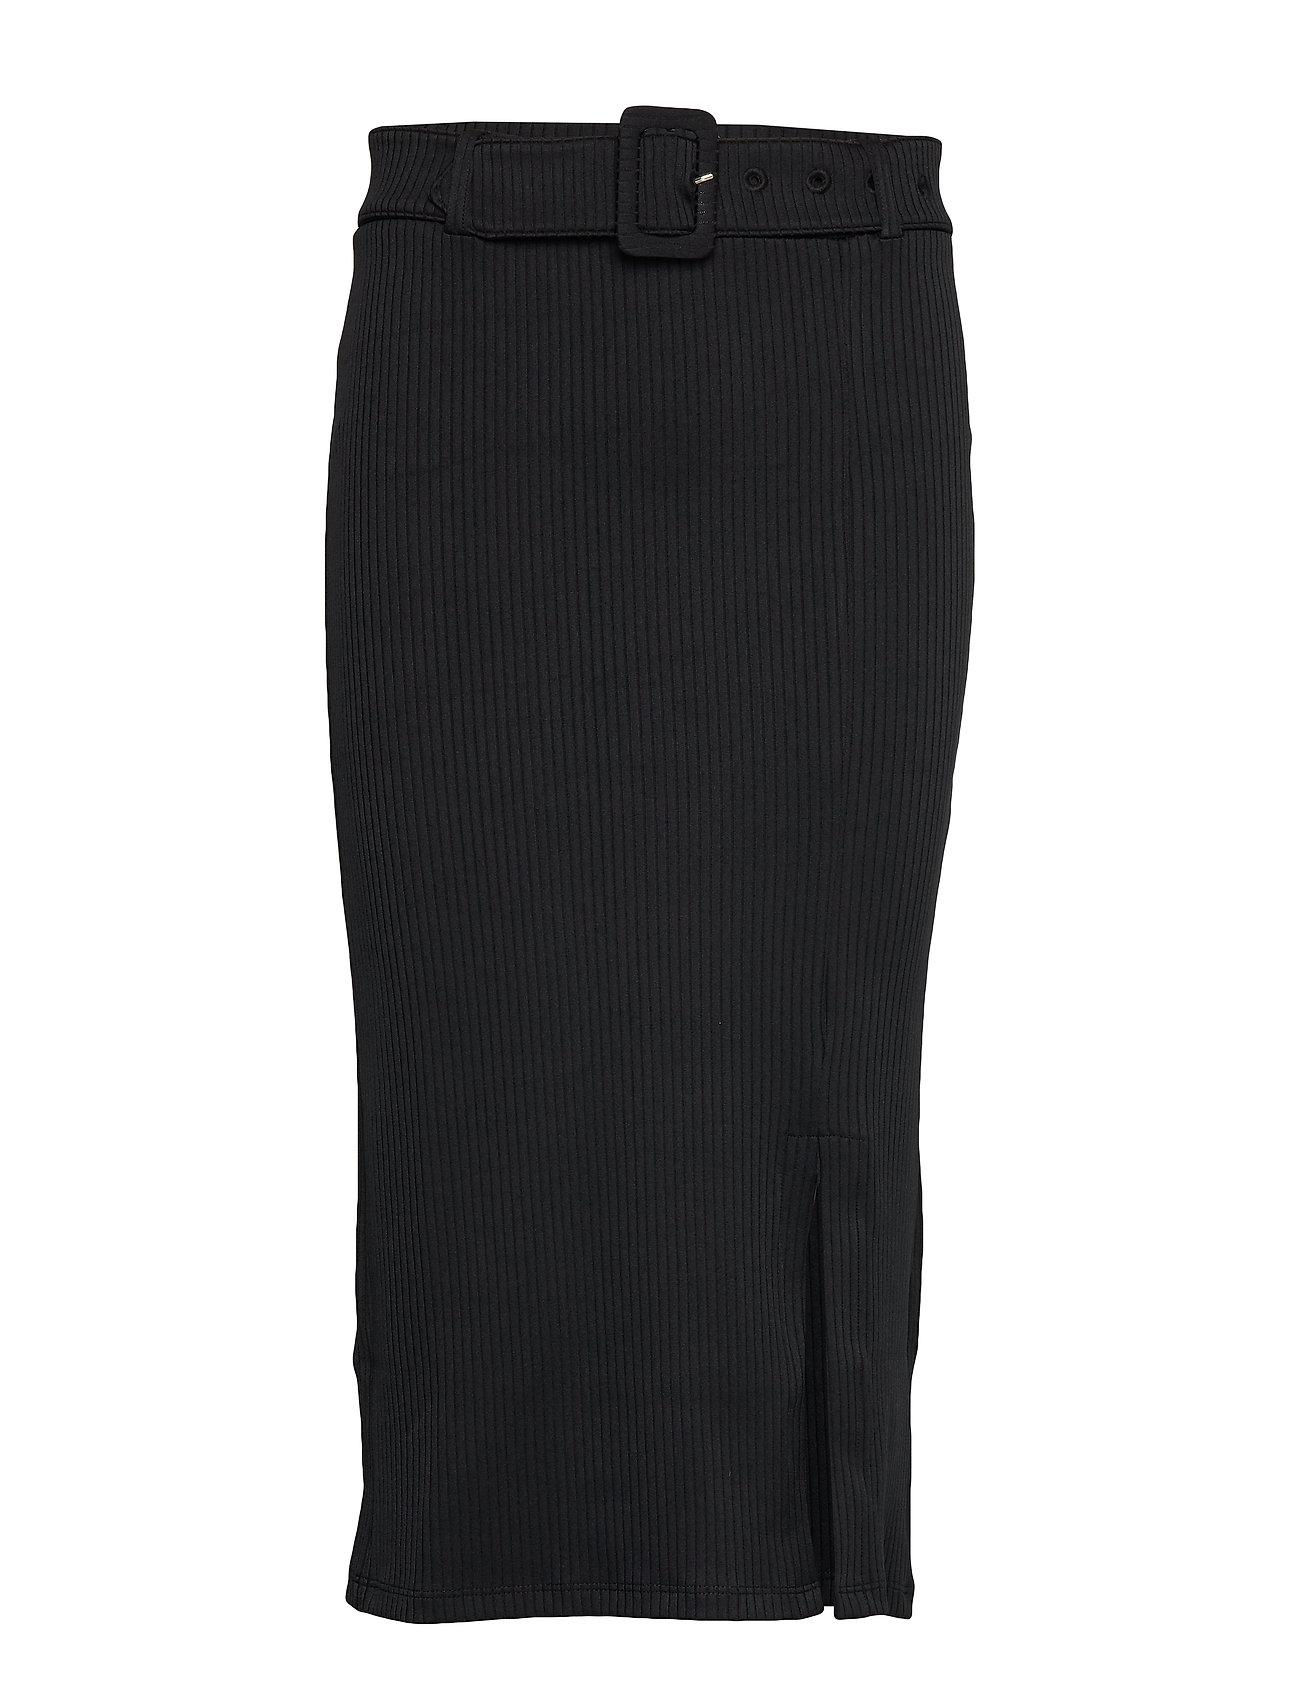 Hw Yasrine Yasrine FtblackYas Yasrine Hw Skirt Skirt FtblackYas Hw FtblackYas Skirt q4j5Ac3RL